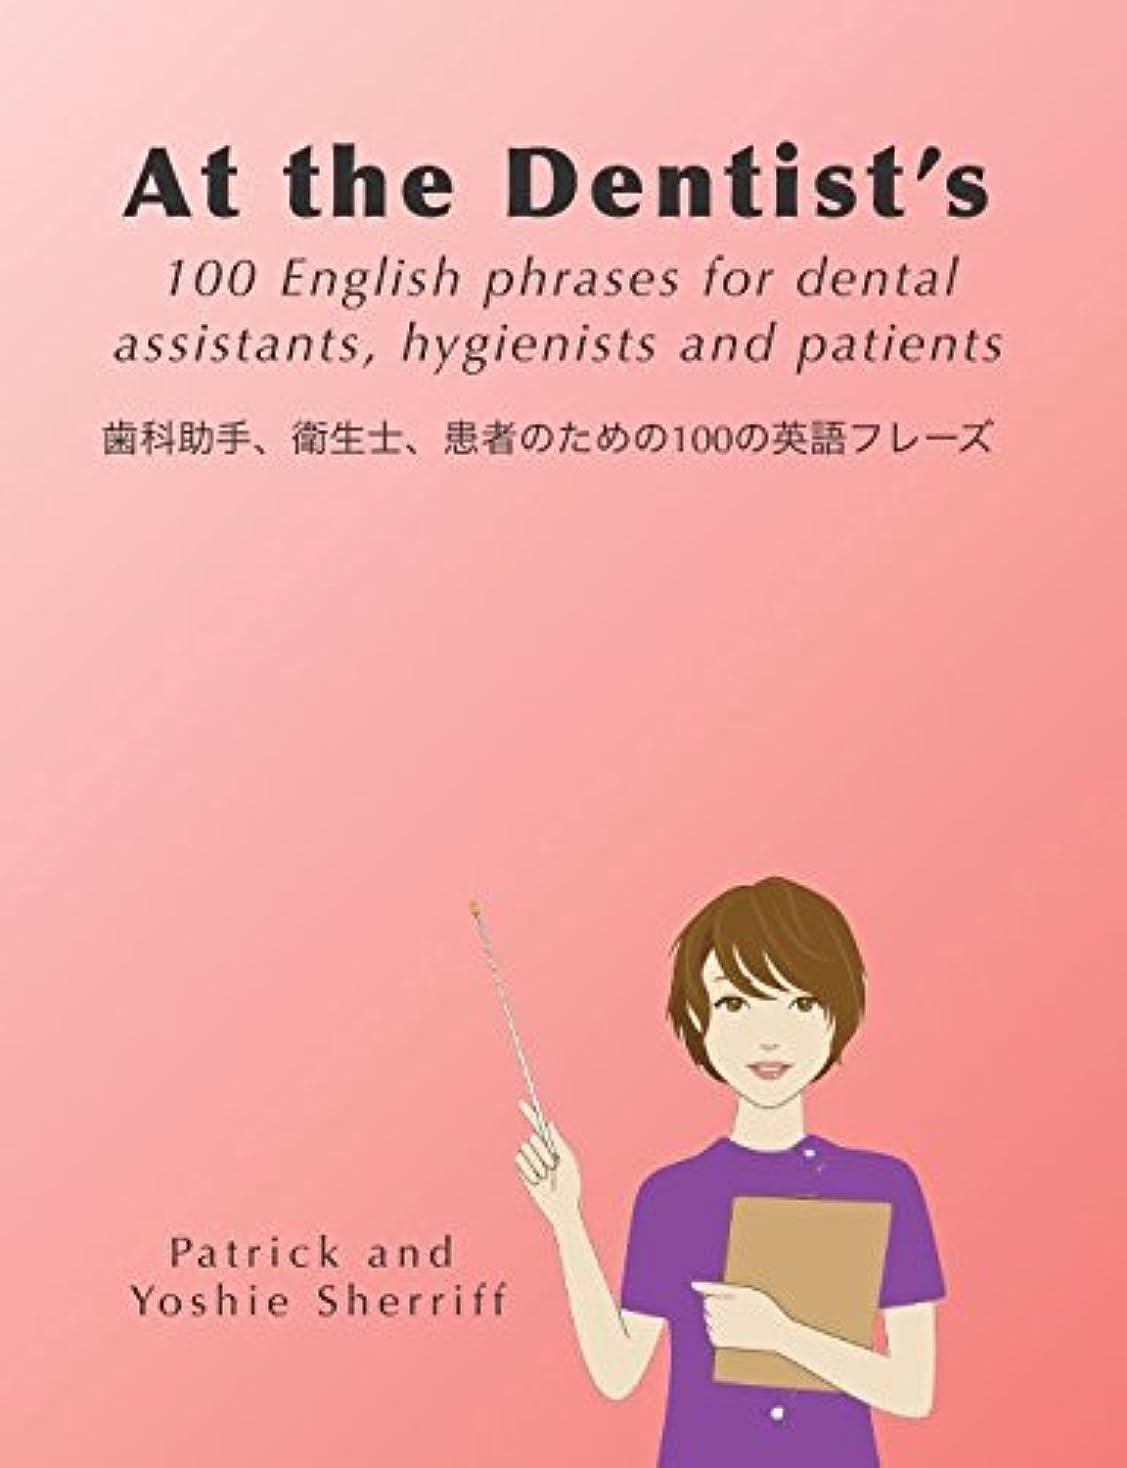 抗議エンジニアみなさんAt the Dentist's: 100 English Phrases for dental assistants, hygienists and patients 歯科助手、衛生士、患者のための100の英語フレーズ